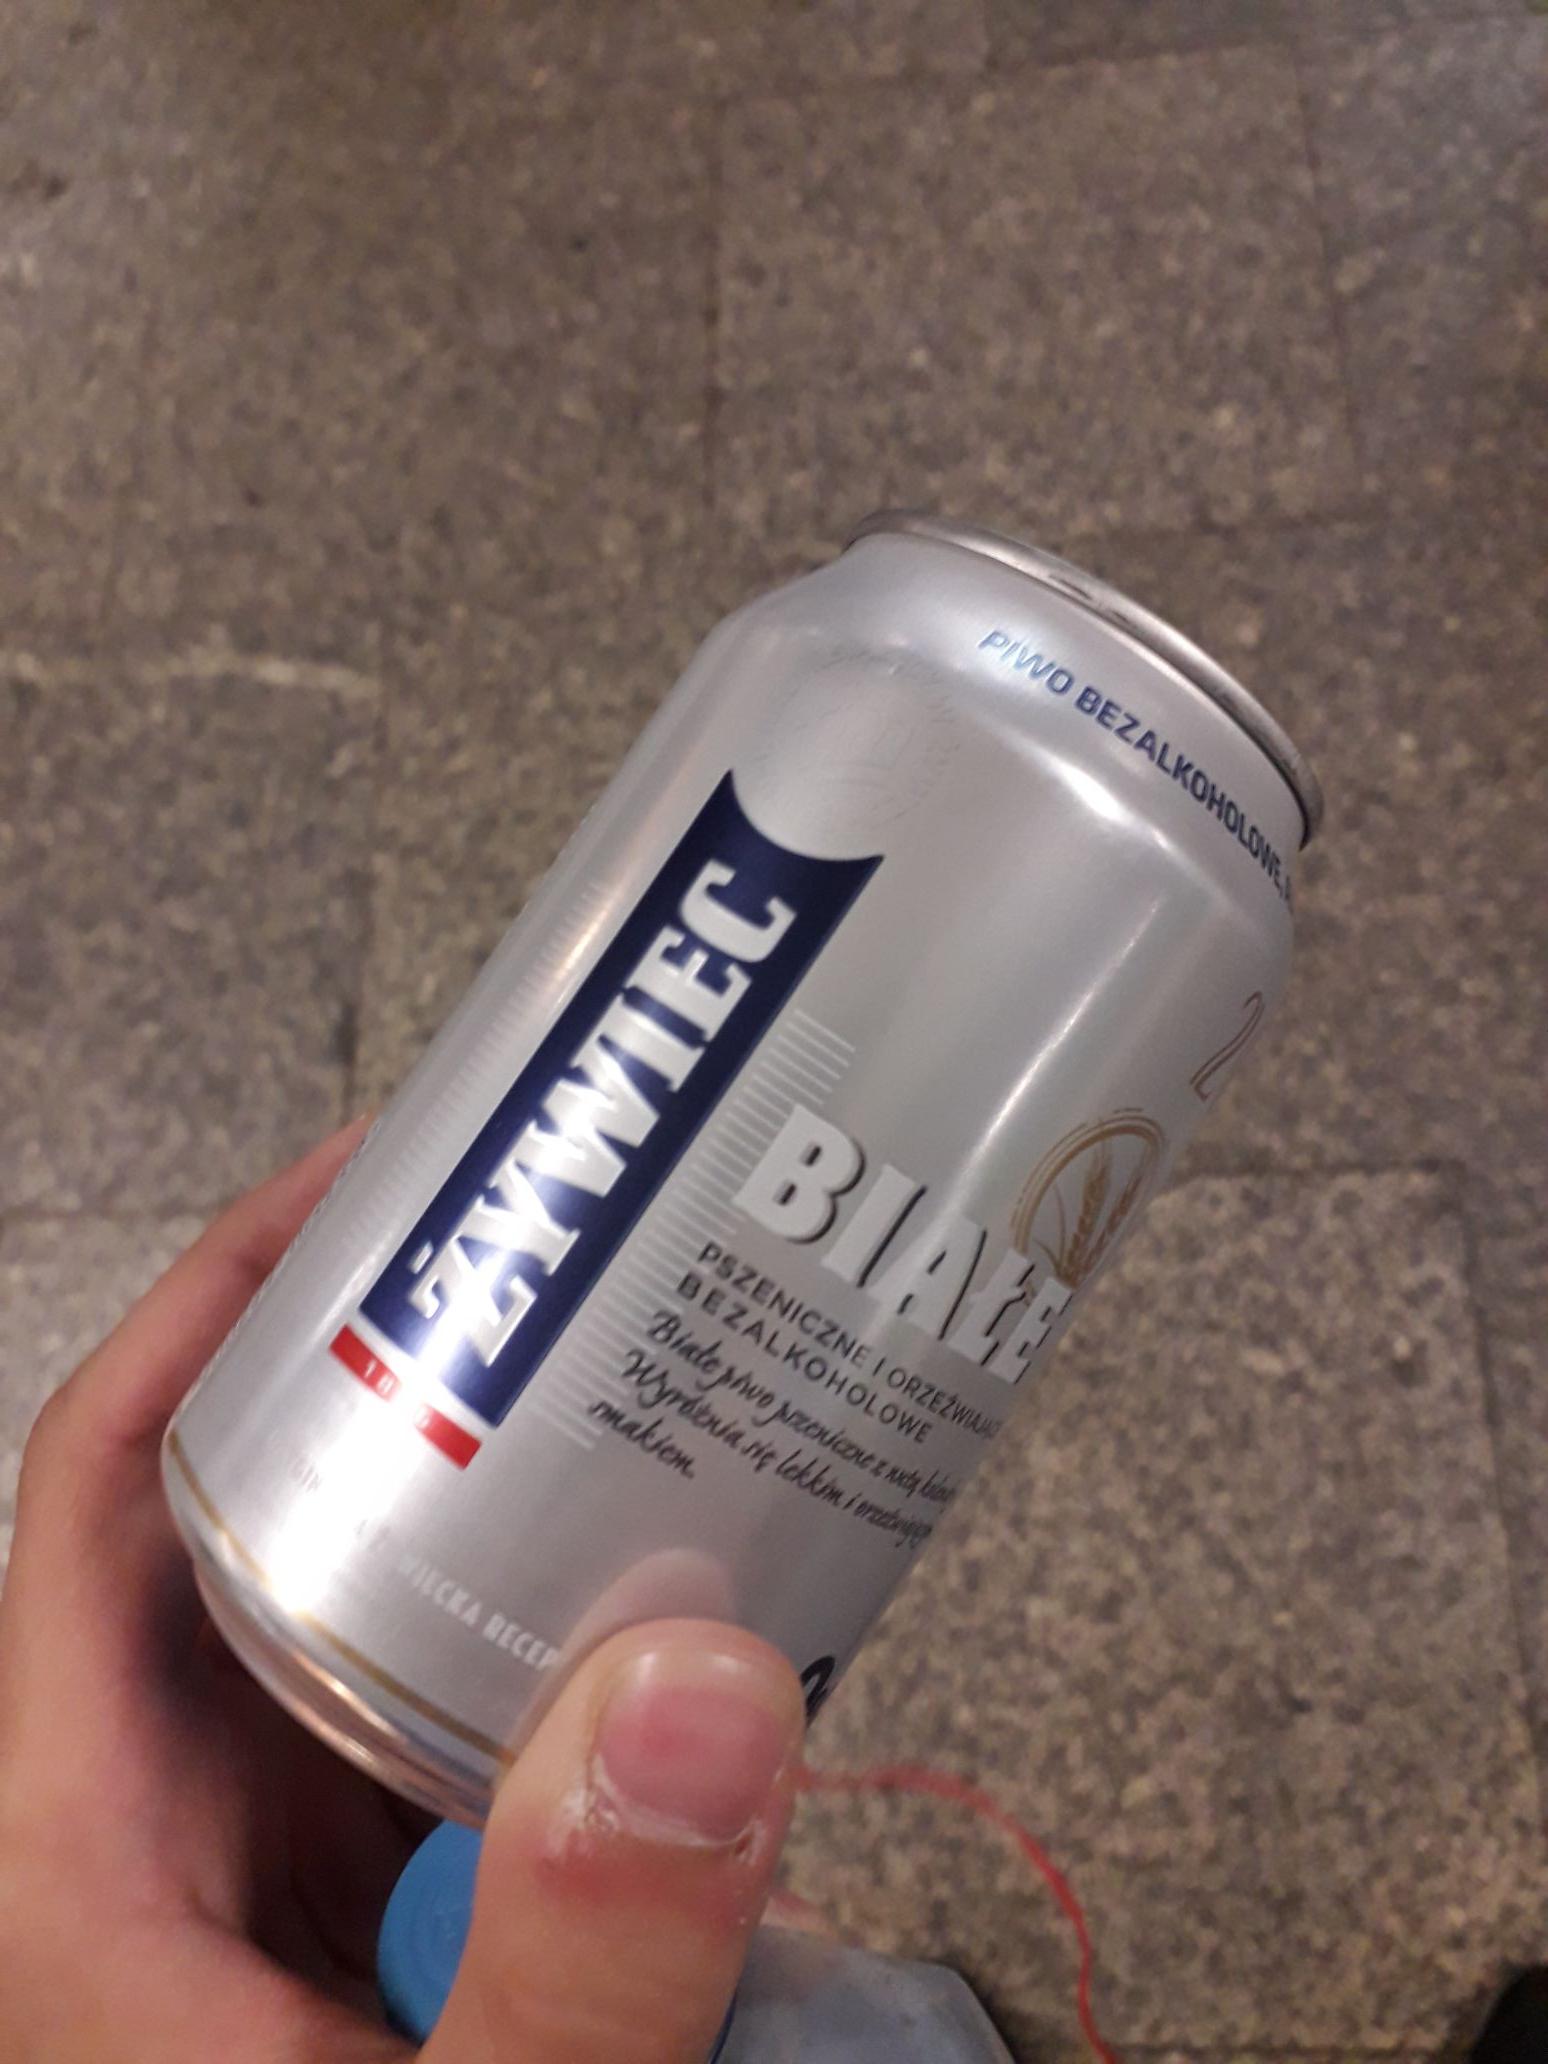 Darmowe piwo żywiec 0 proc Warszawa patelnia